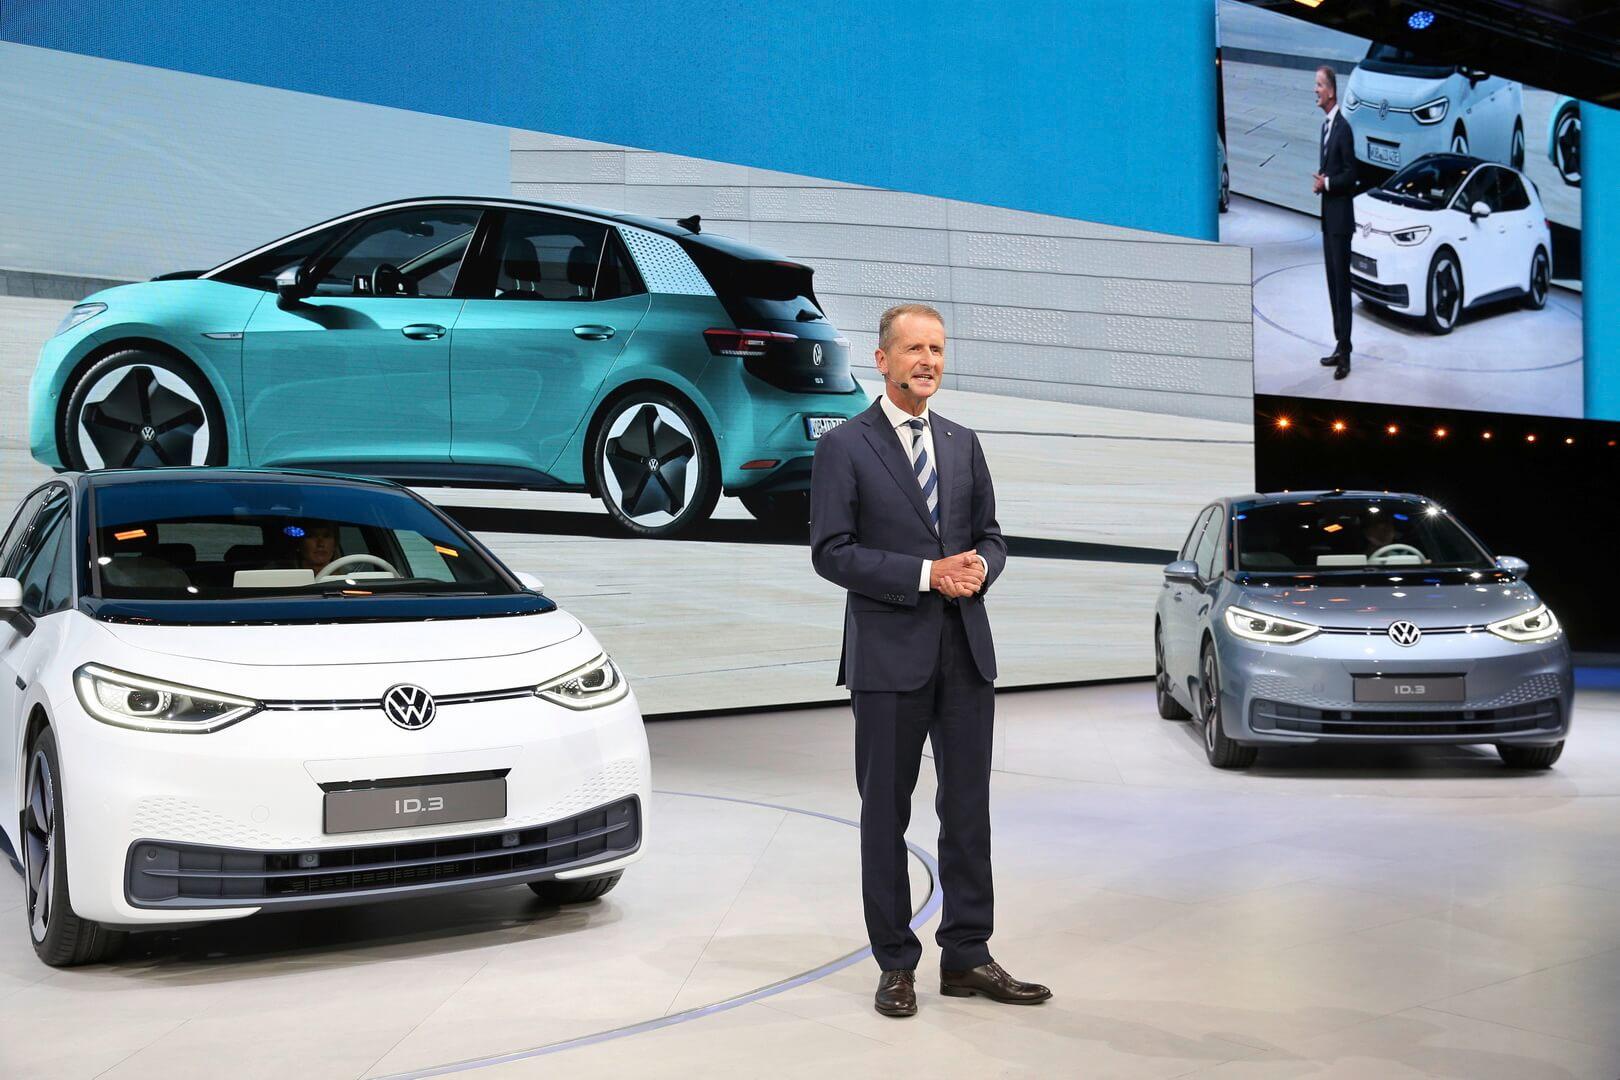 Герберт Дисс на презентации Volkswagen ID.3